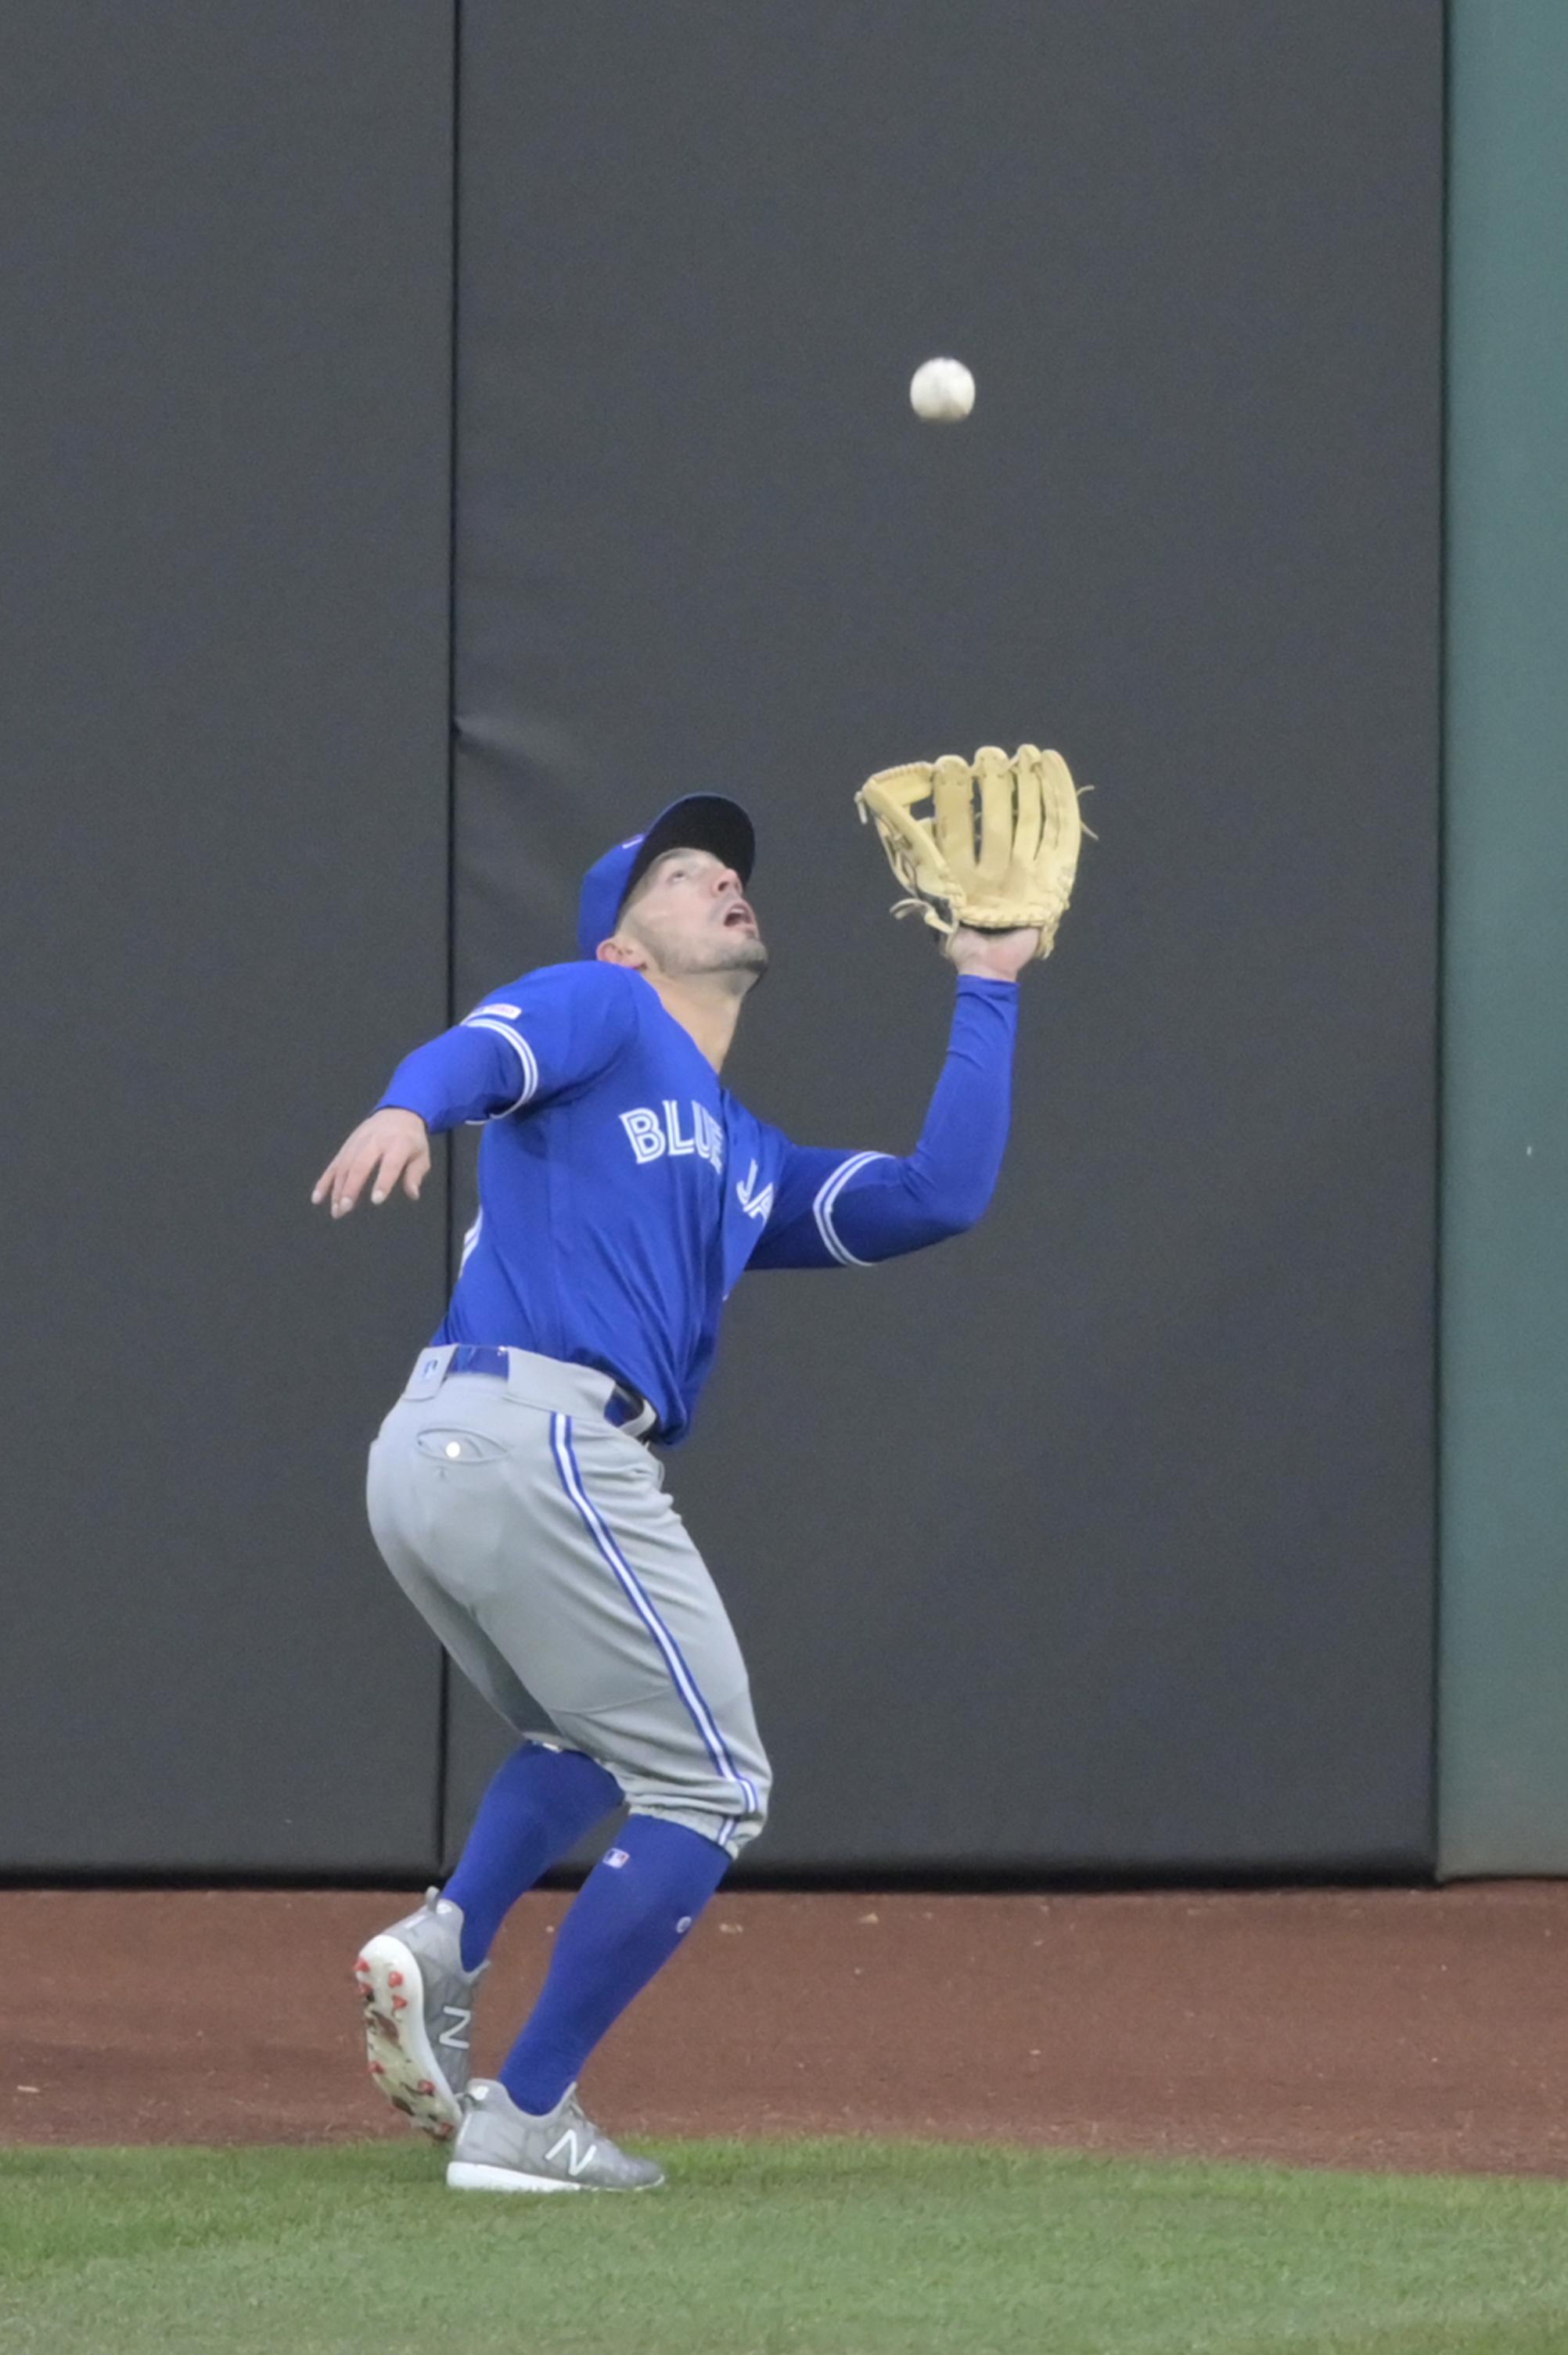 MLB: Toronto Blue Jays at Cleveland Indians